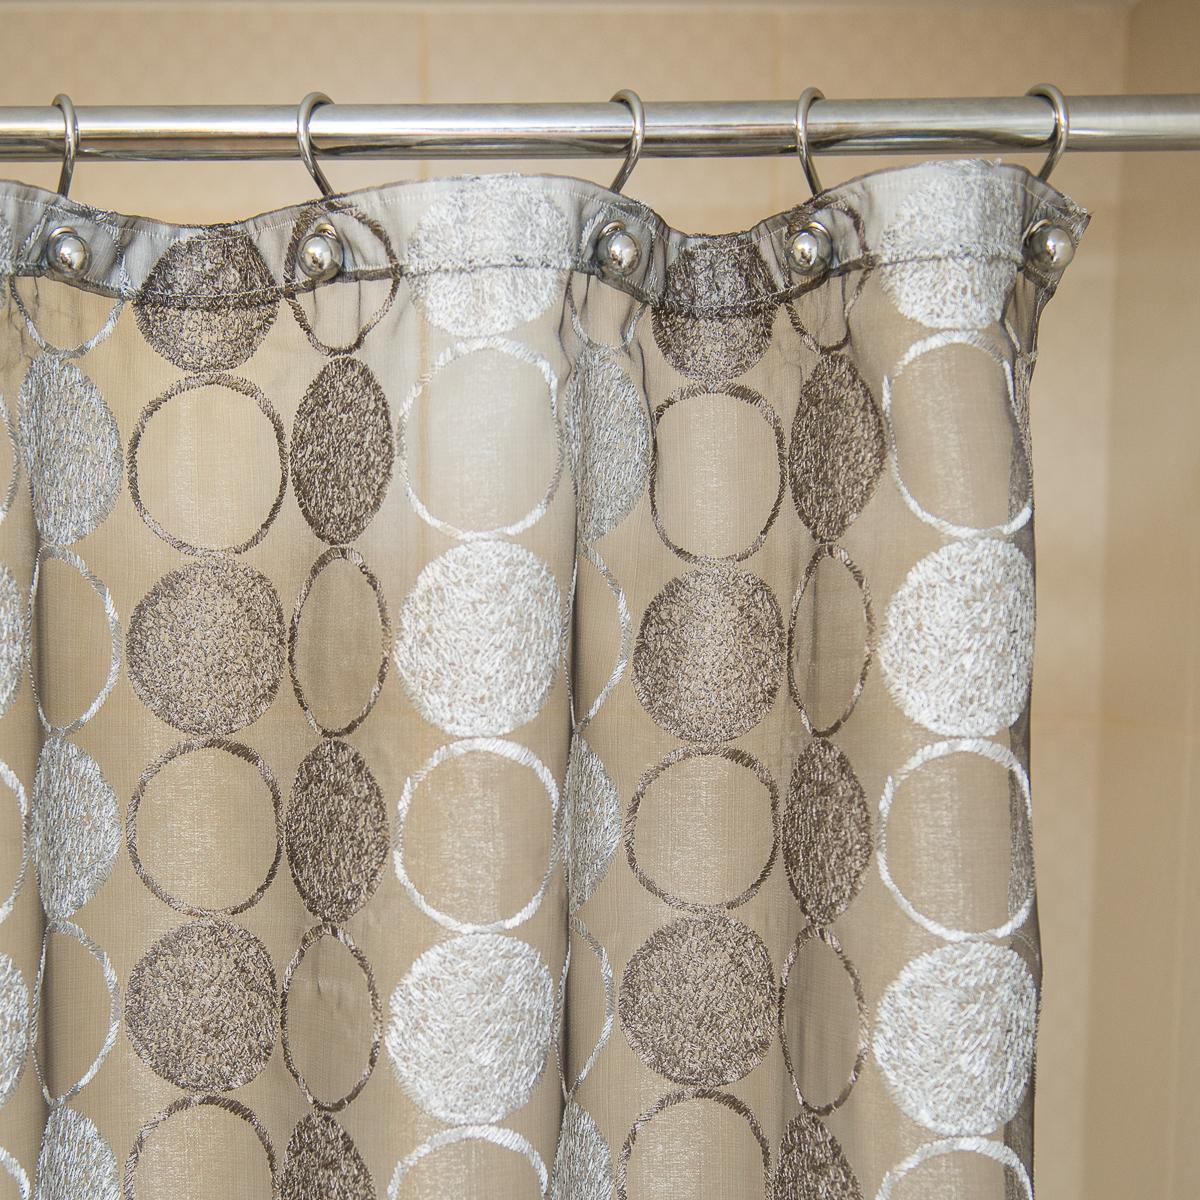 Шторки Элитная шторка для ванной Aran C. Grey от Arti-Deco elitnaya-shtorka-dlya-vannoy-aran-c-grey-ot-arti-deco-ispaniya.jpg